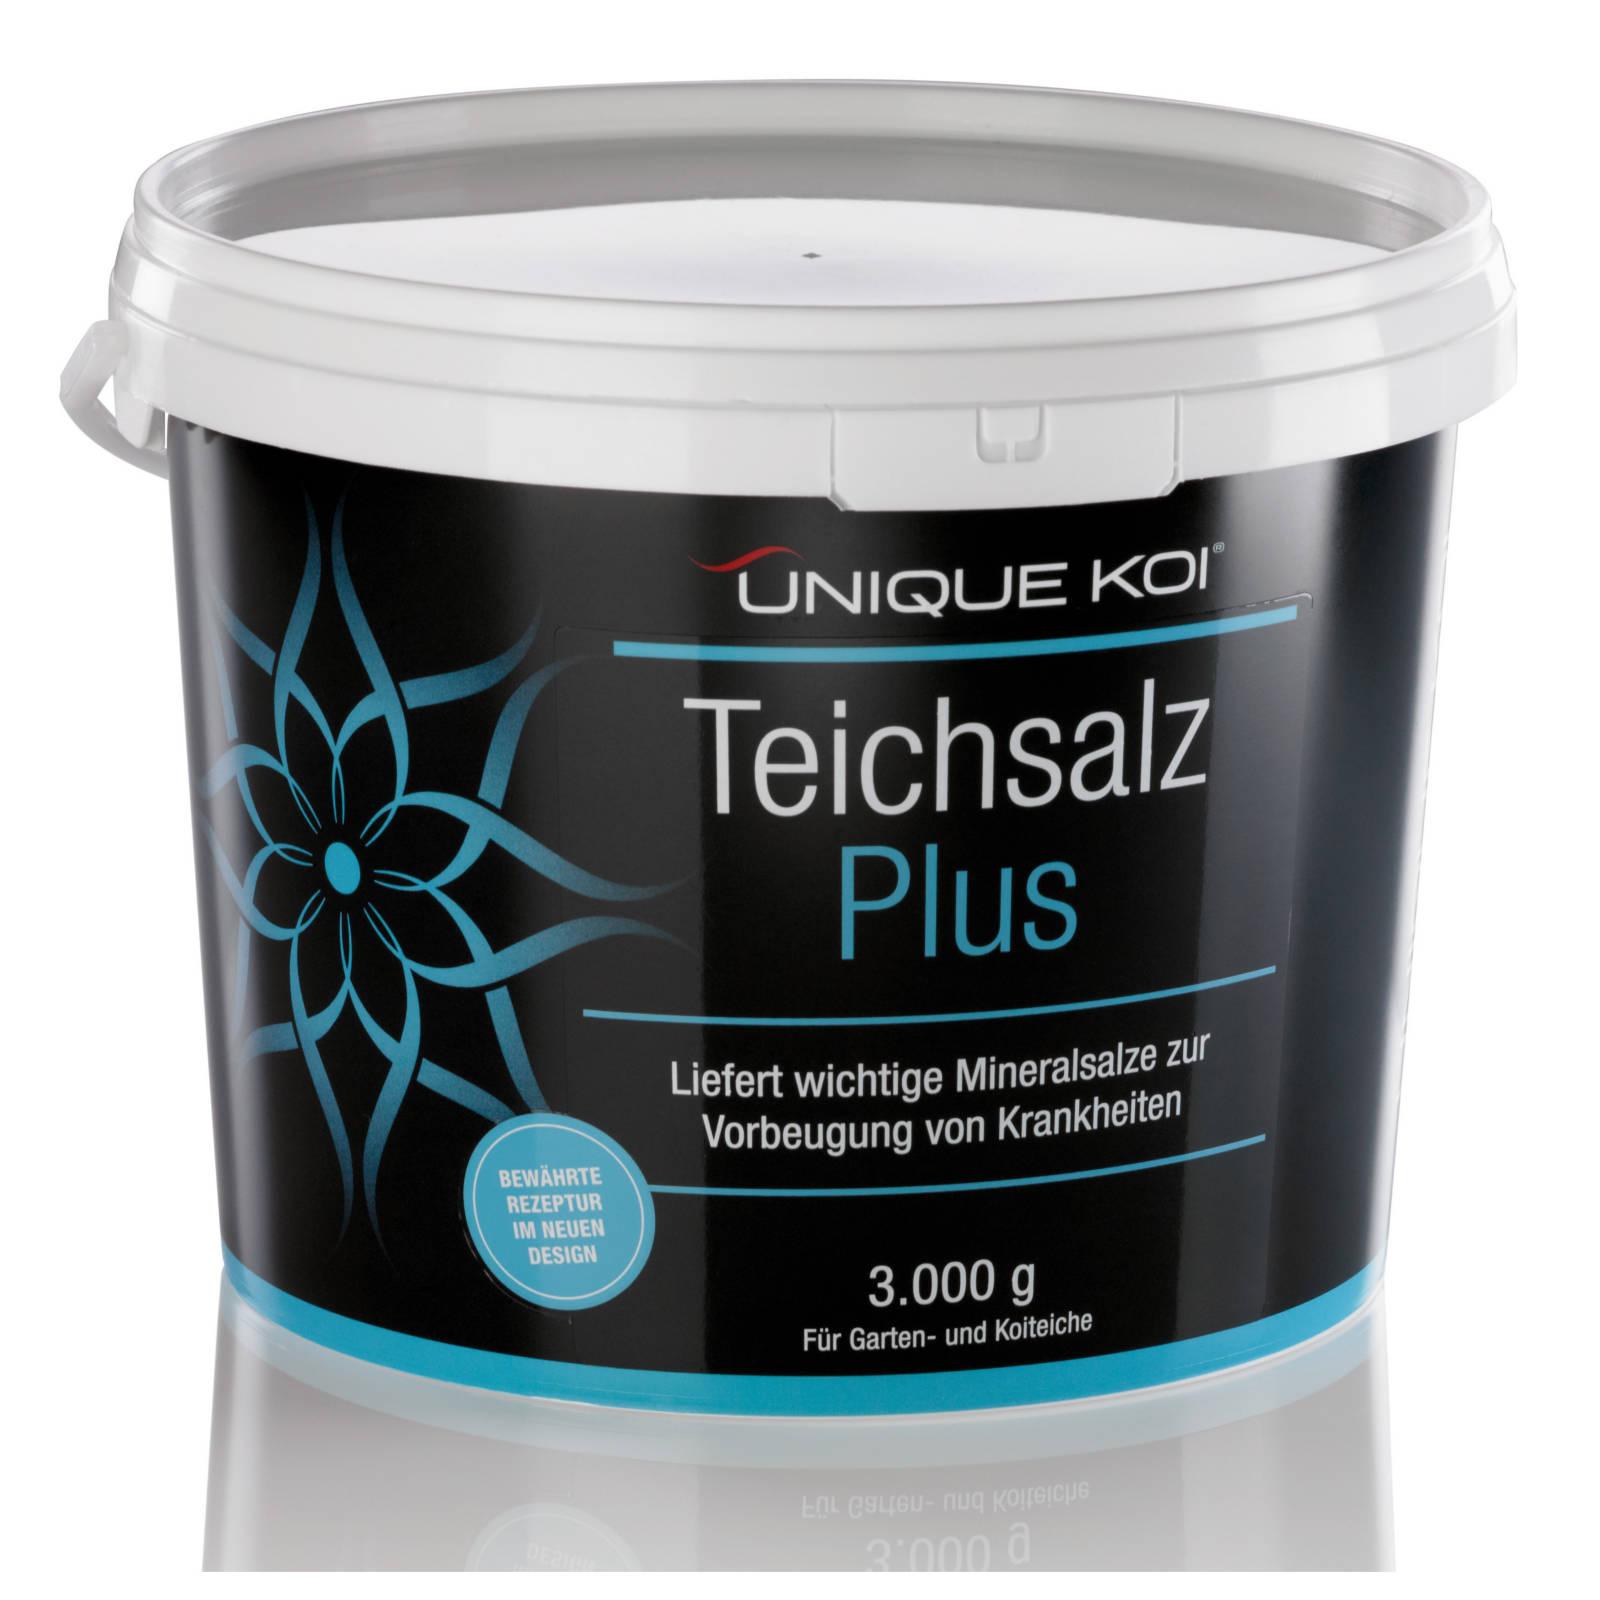 Unique Koi Teichsalz Plus Liefert wichtige Mineralsalze zur Vorbeugung von Krankheiten 3000g